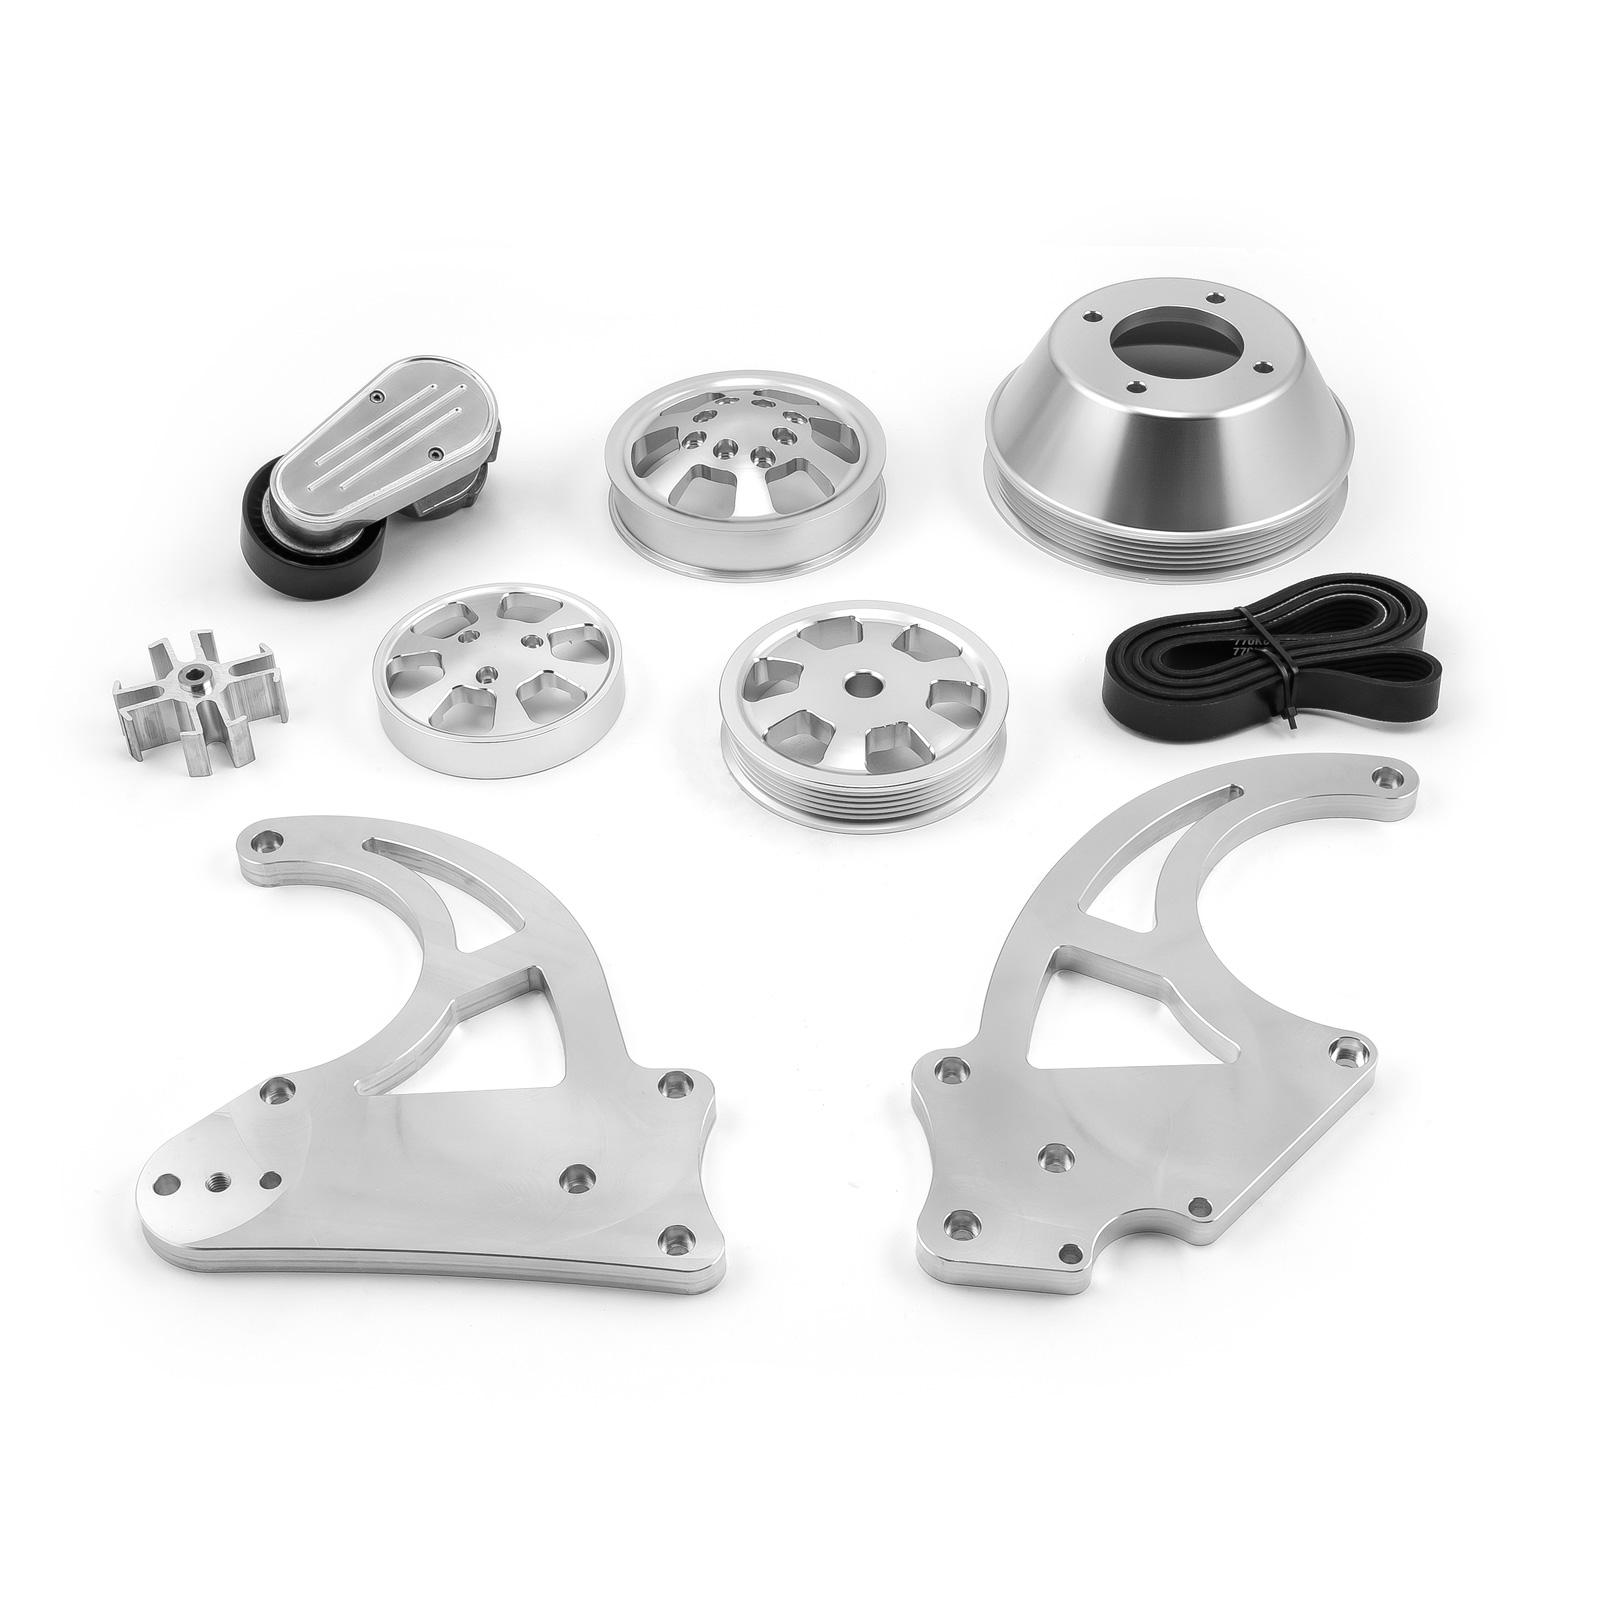 PCE® PCE415.1052 Chevy GM LS1 LS2 LS3 LS6 Billet Aluminum Serpentine Pulley Set & Components Kit